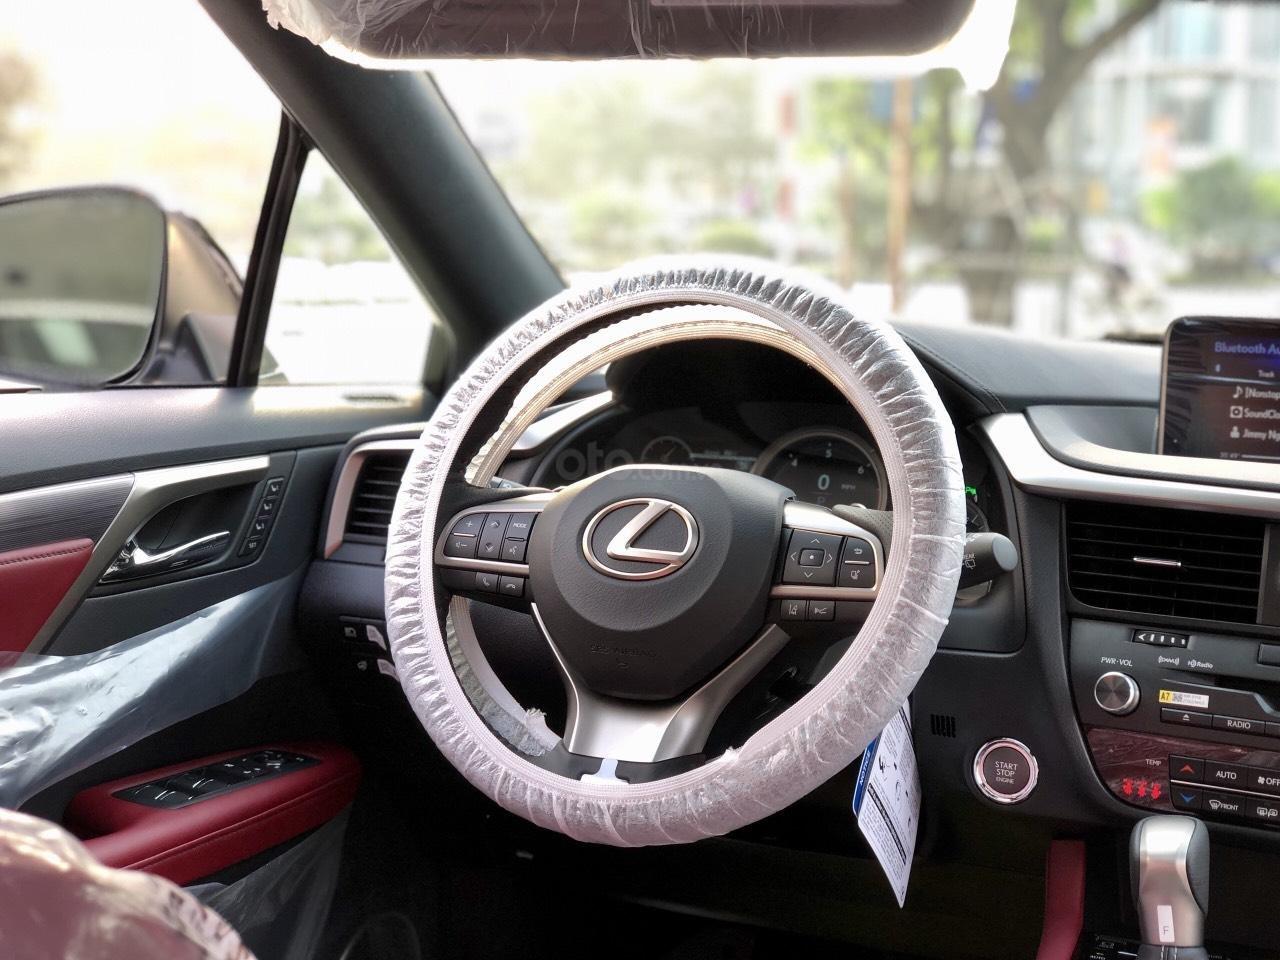 Bán Lexus RX Fsport sản xuất năm 2019, xe nhập Mỹ LH 0945.39.2468 Ms Hương (9)